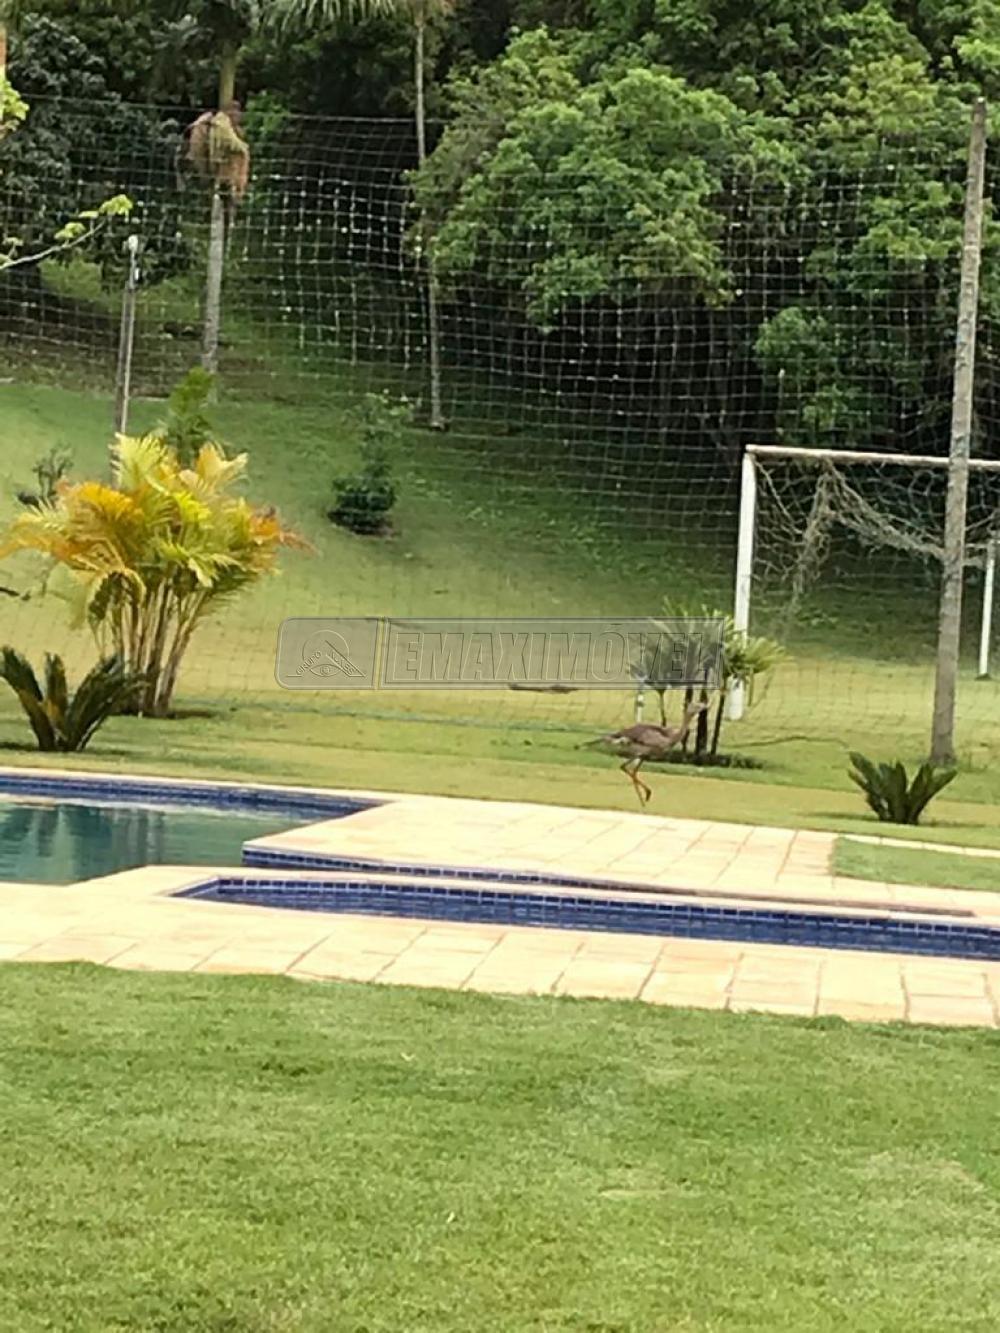 Comprar Propriedade Rural / Sítio em Piedade R$ 2.750.000,00 - Foto 20